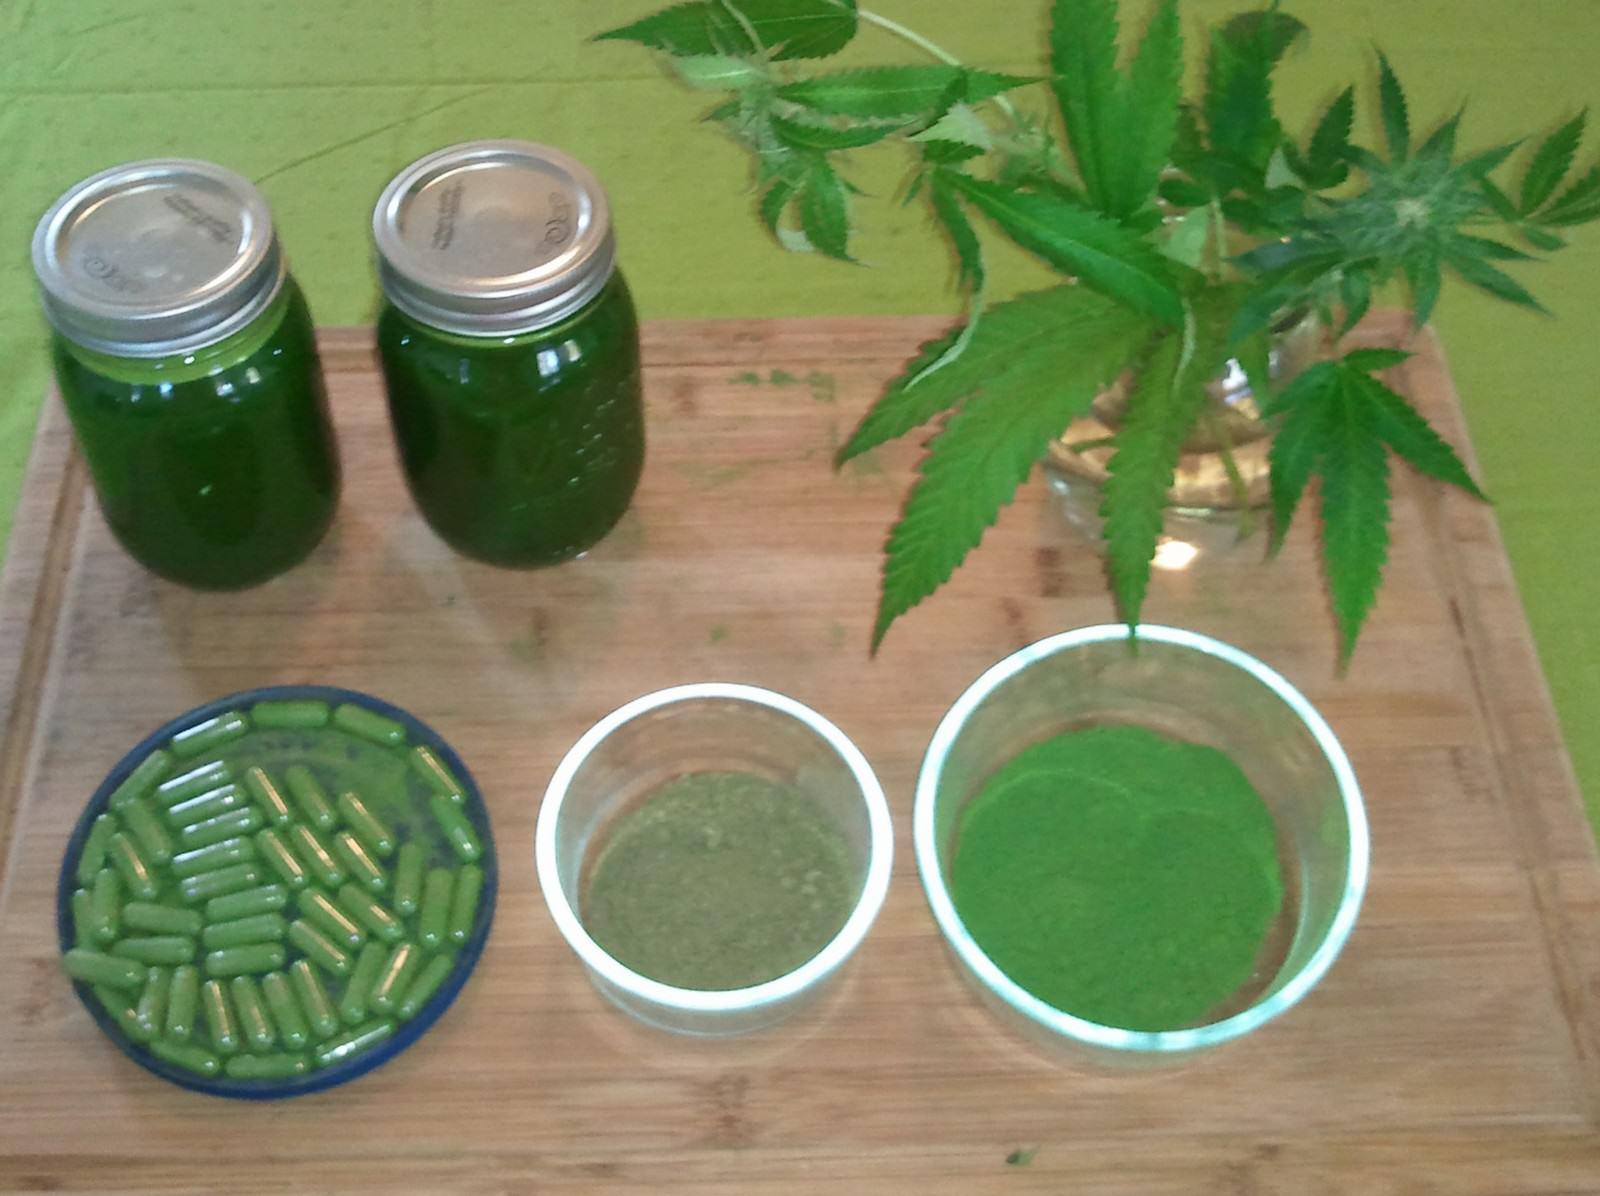 La marihuana es pot consumir de diverses formes, com ara càpsules, pols o suc de la planta.